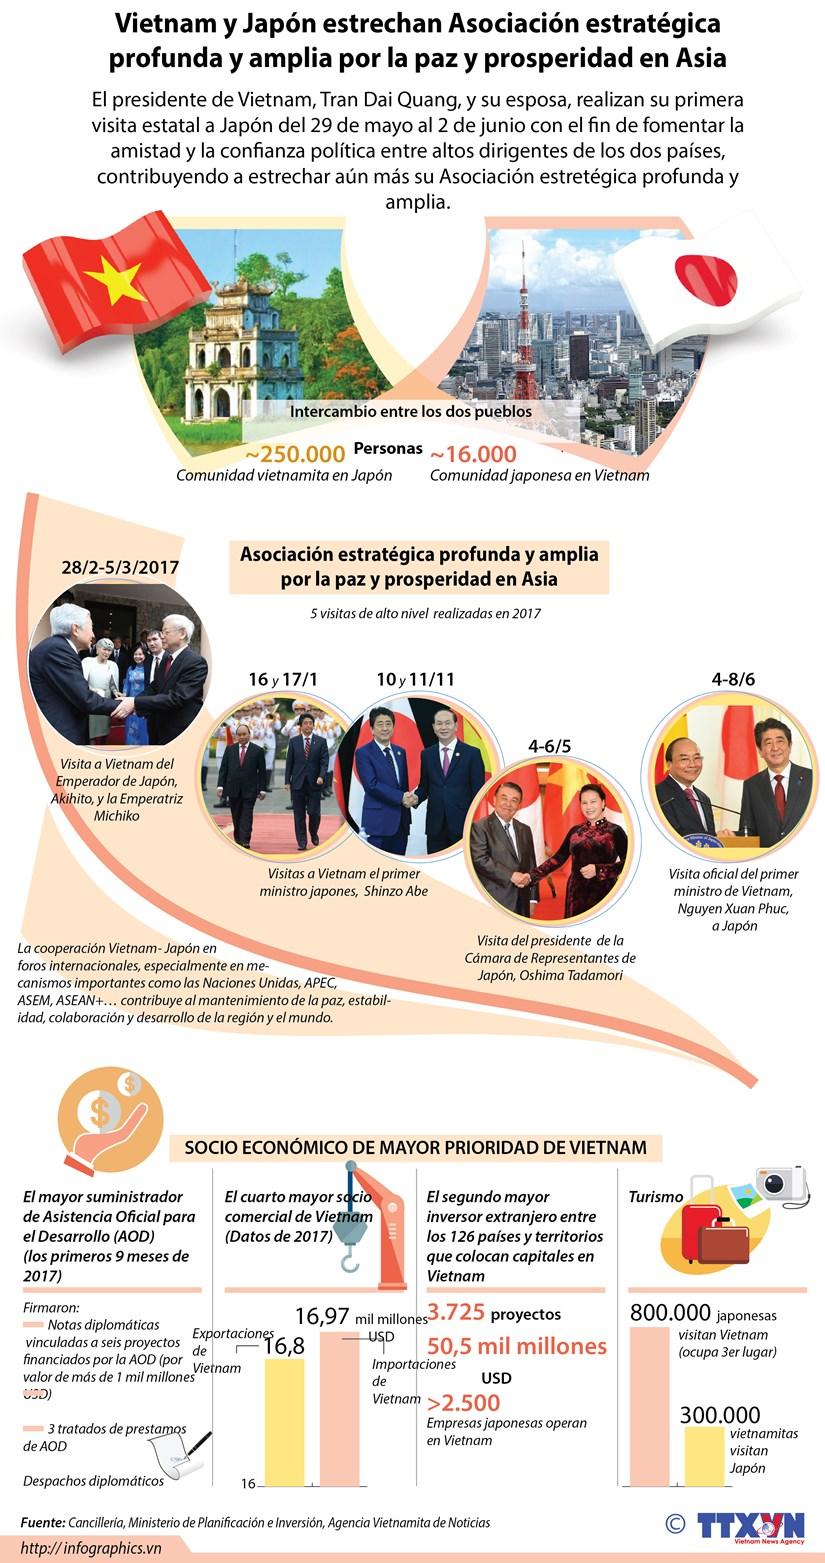 [Infografia] Vietnam y Japon estrechan Asociacion estrategica por la paz y prosperidad en Asia hinh anh 1